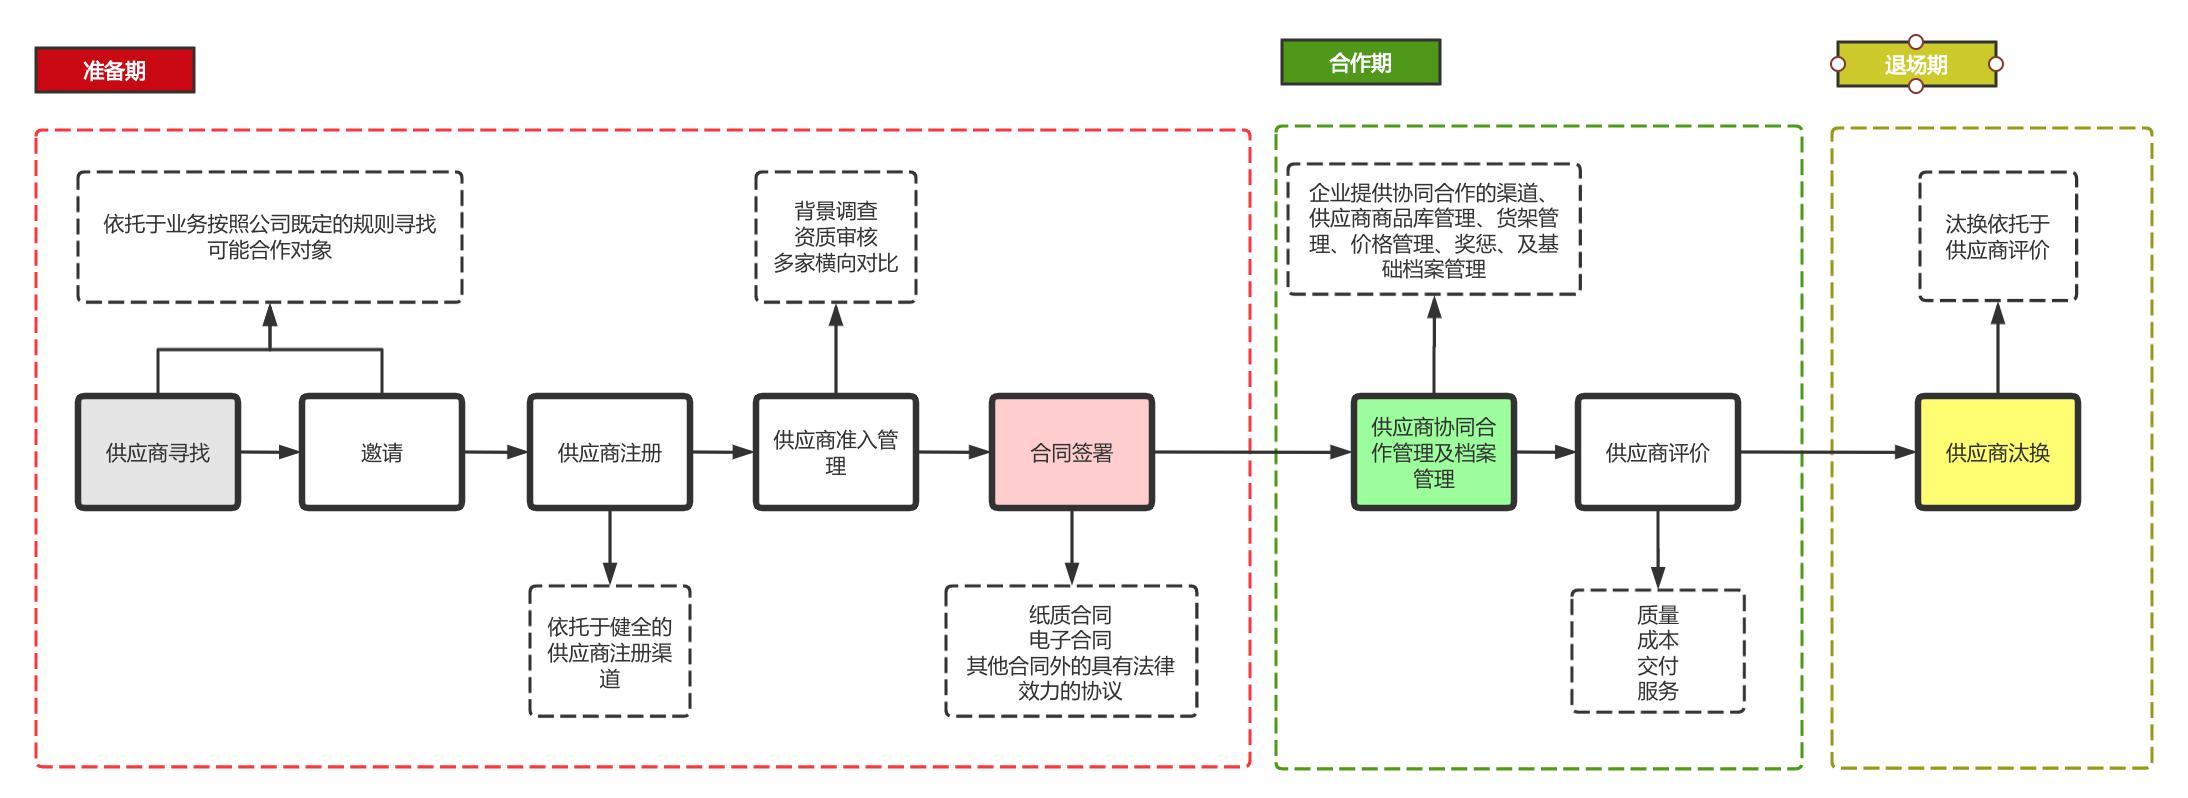 供应商也算是客户吗(供应商和供货商的区别)插图(3)